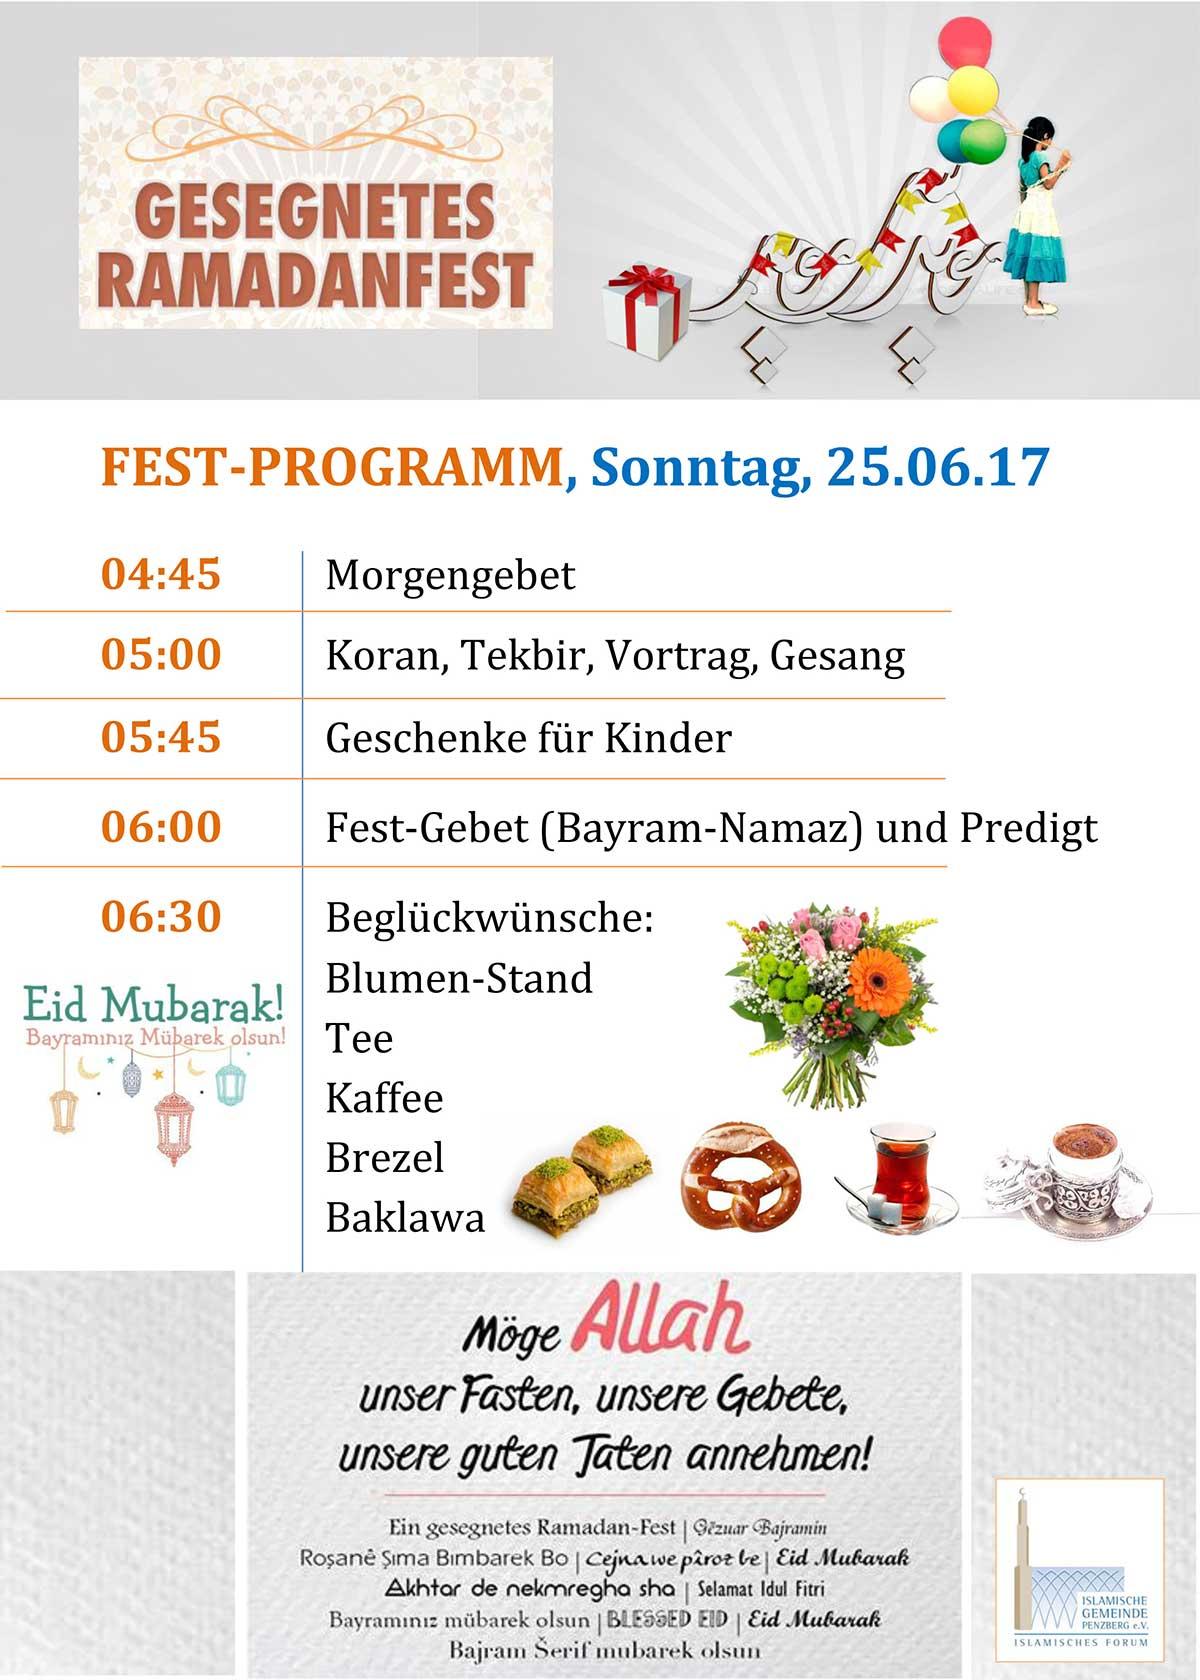 IGP Veranstaltungen: Ramadanfest 2017